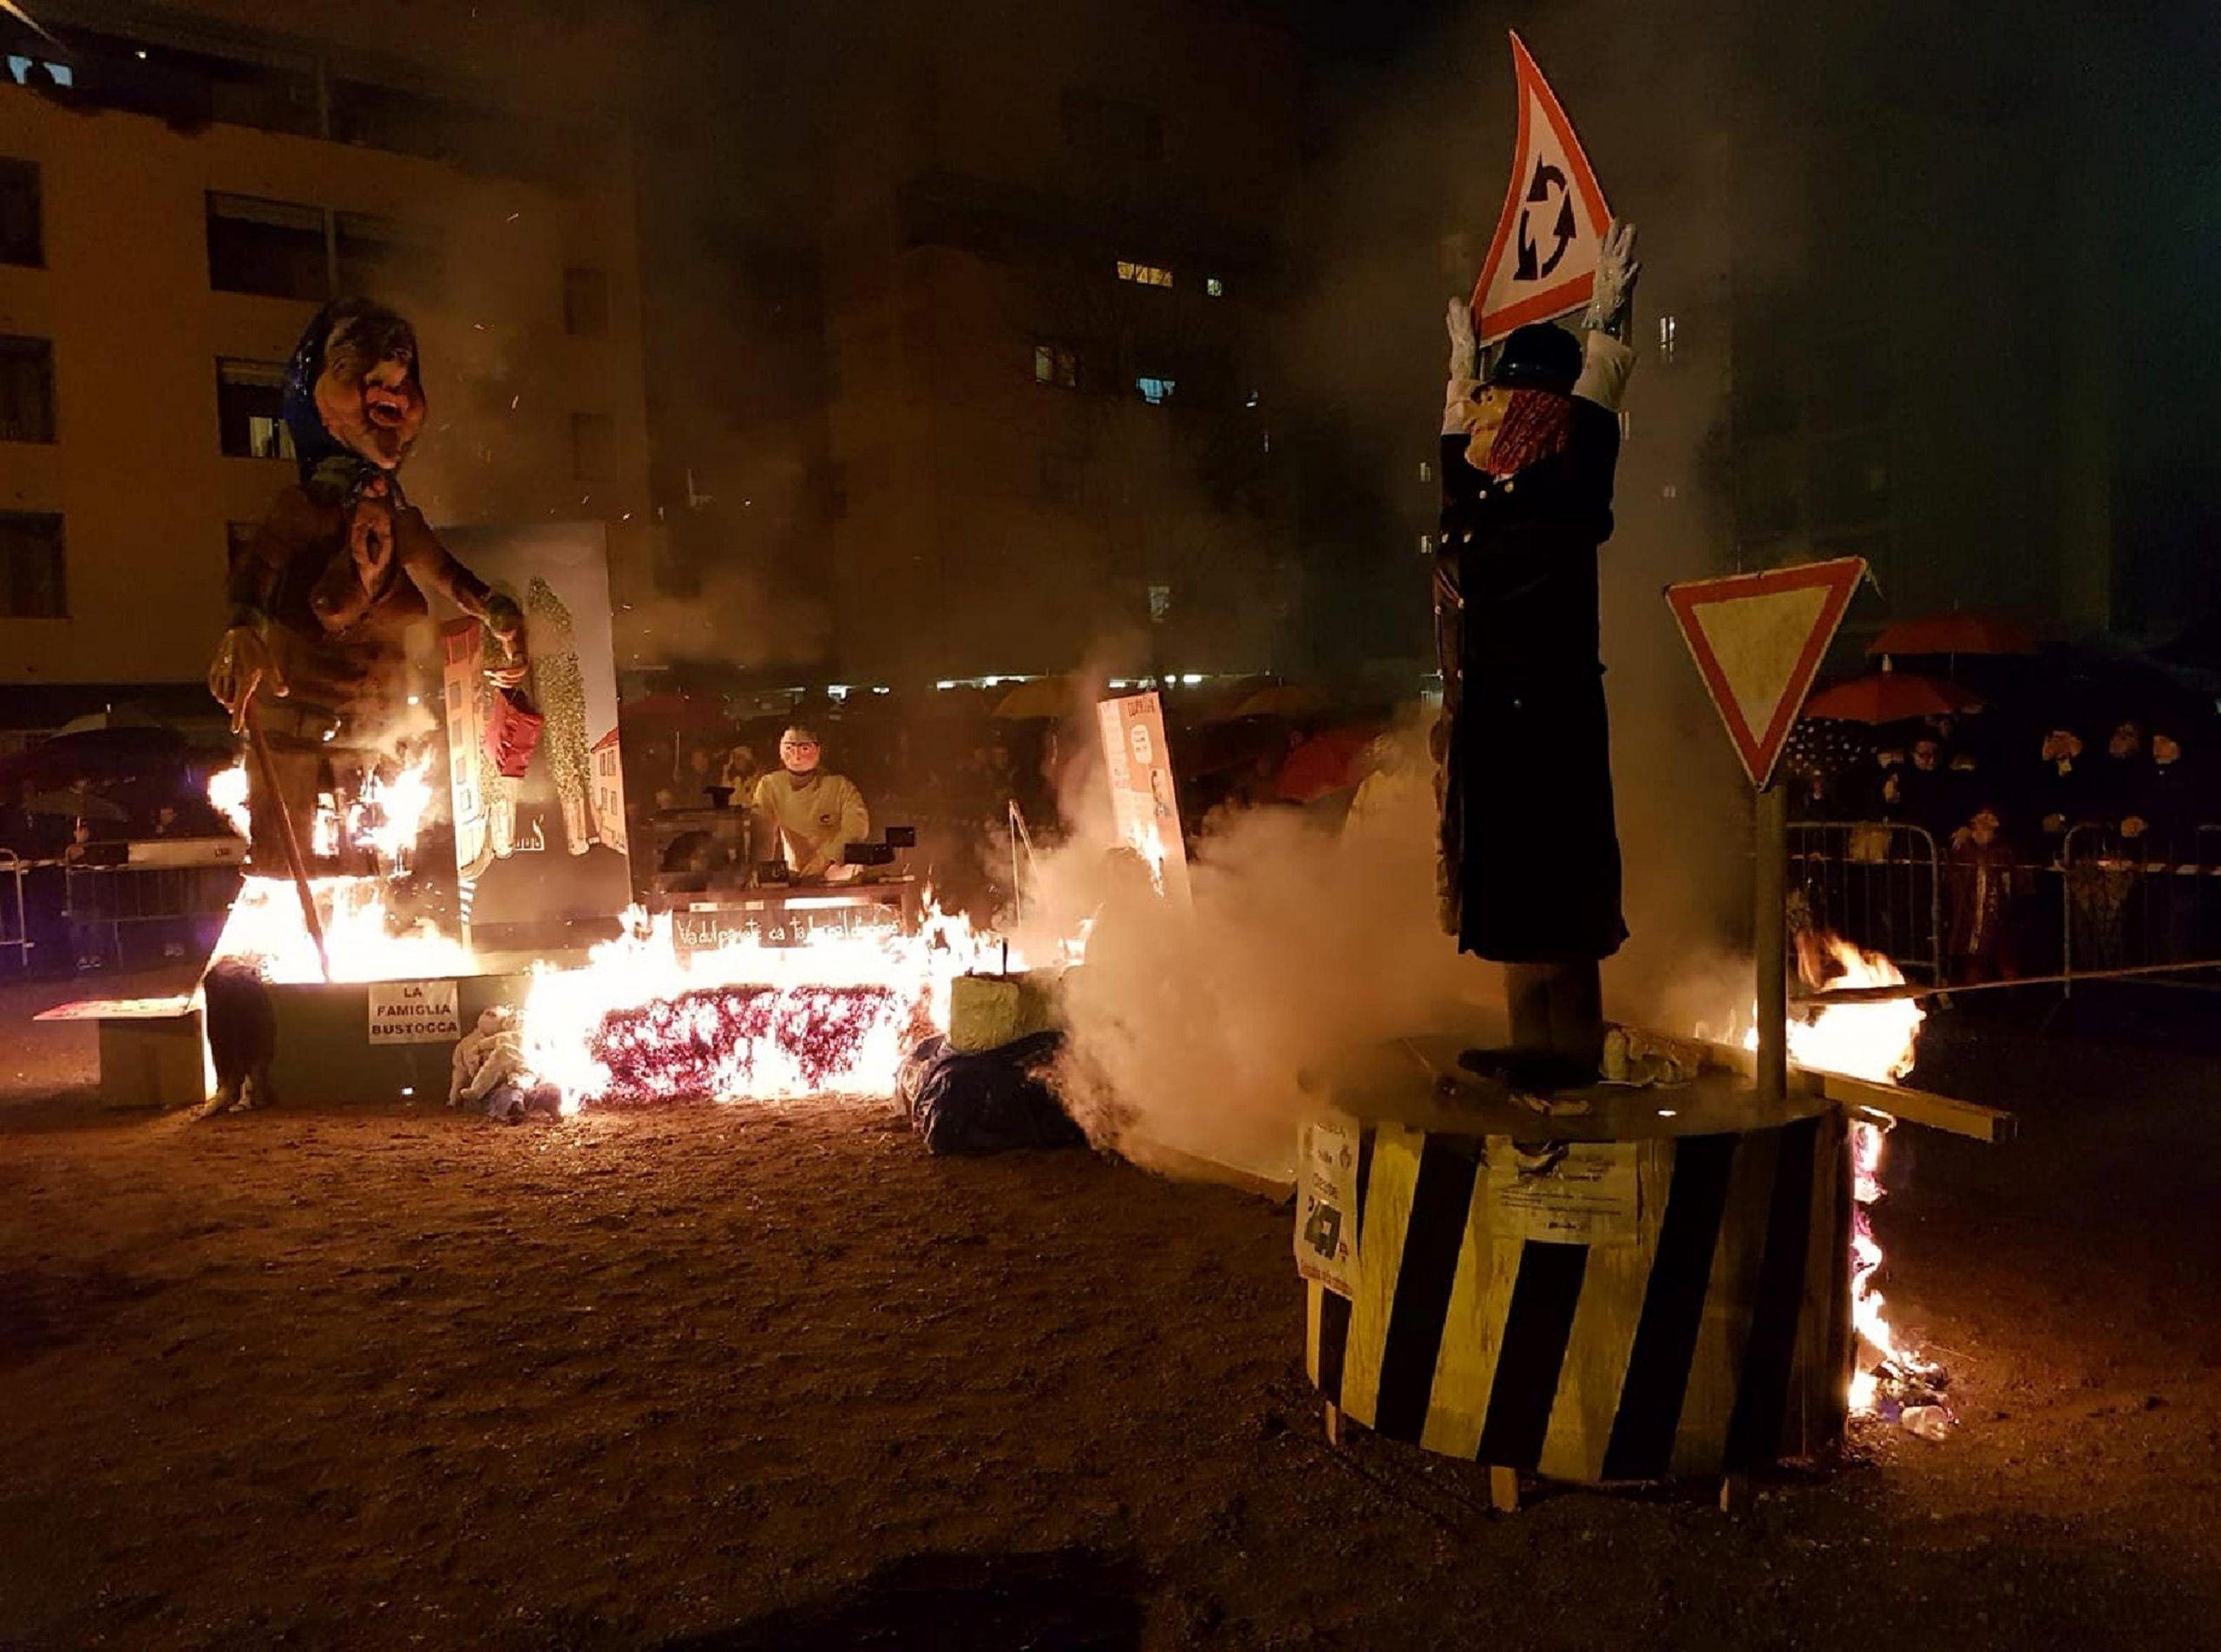 ++ Lega: giovani padani danno fuoco fantoccio Boldrini ++